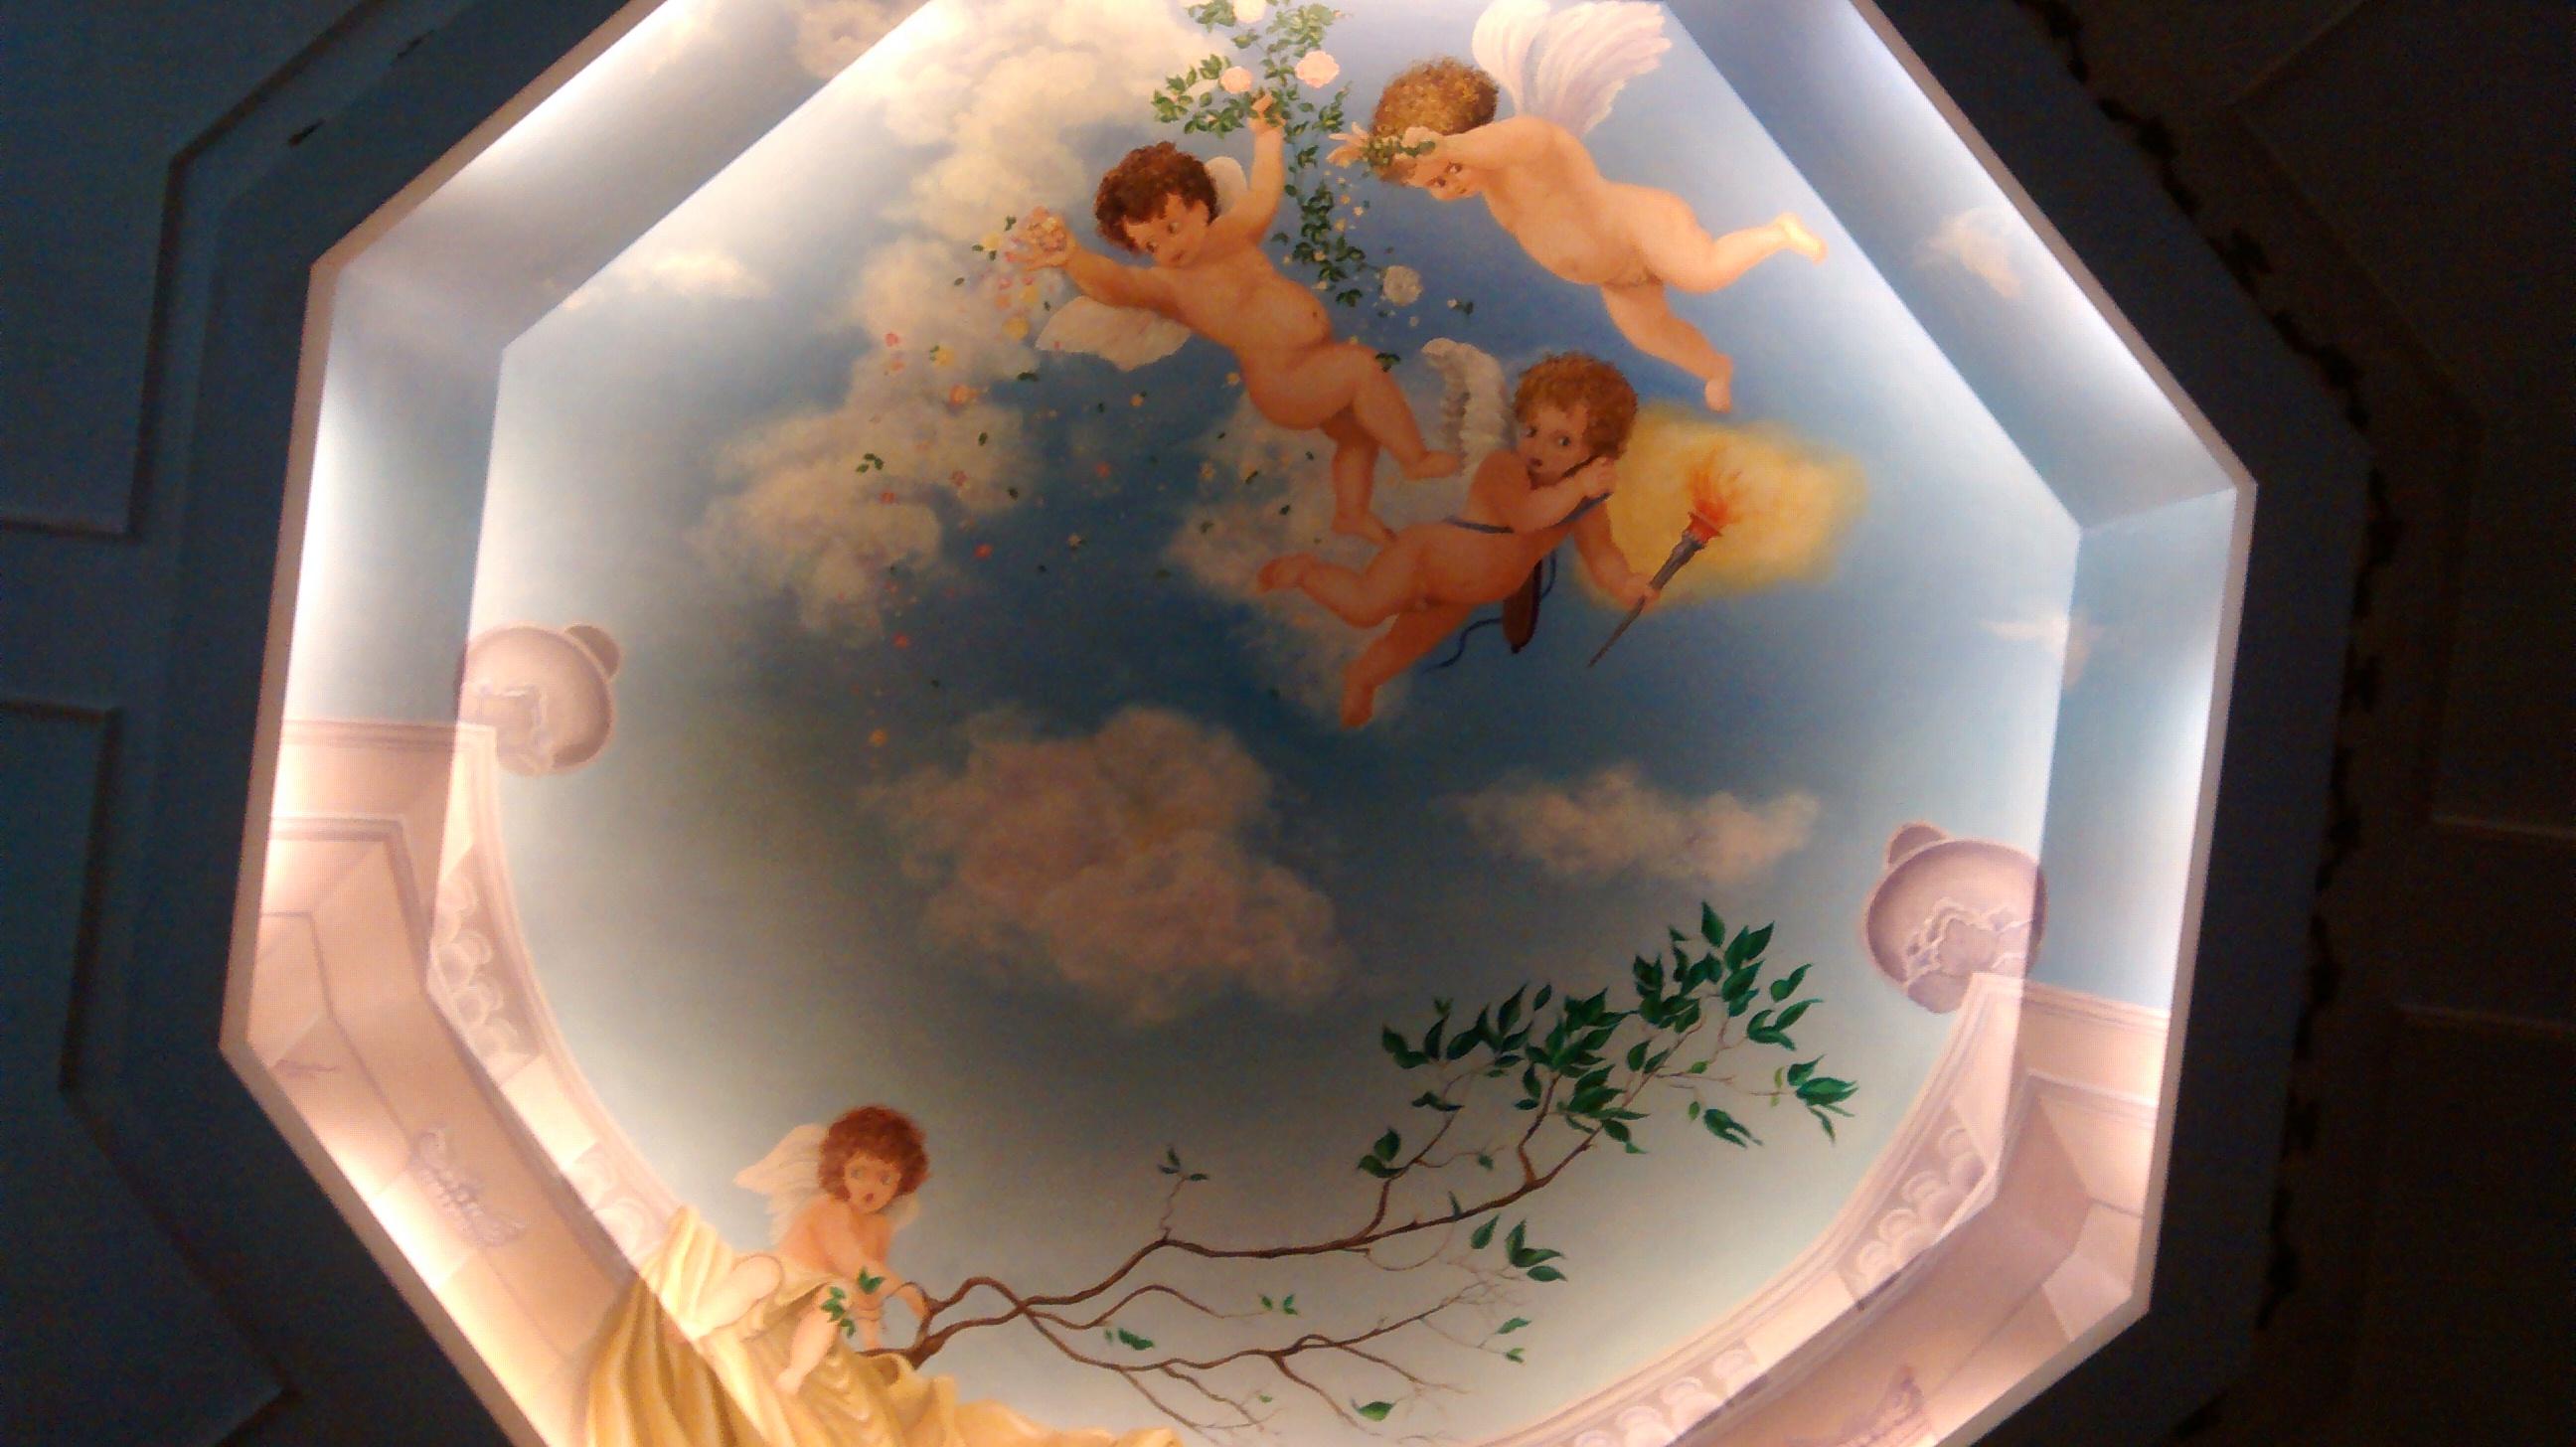 Decorazione d'interni - Trompe L'oeil - La Cupola - Pittura - olio su legno - diametro 204 cm